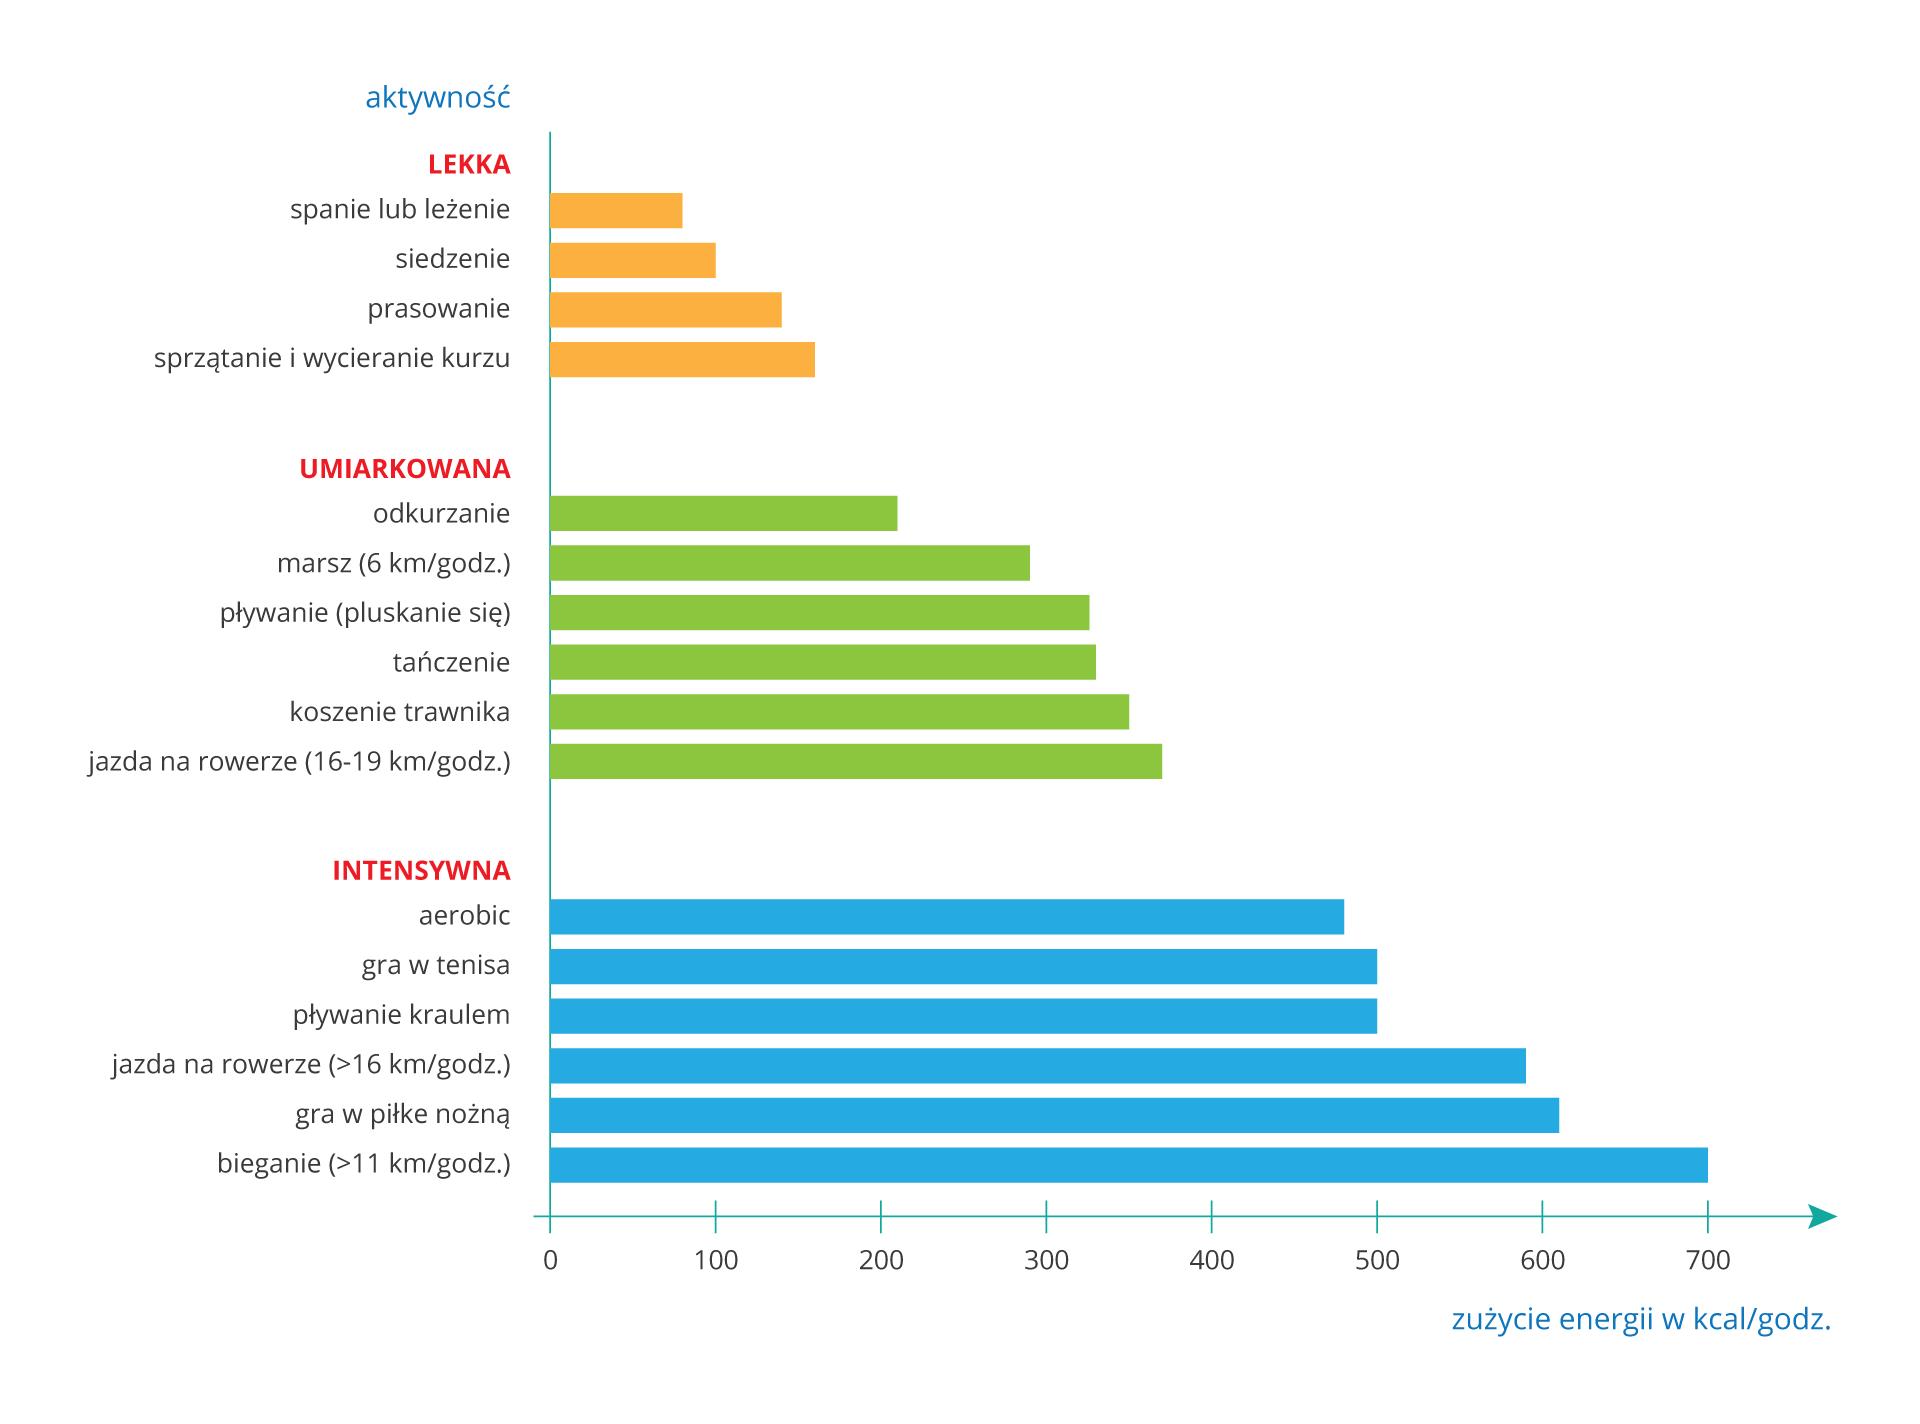 Ilustracja przedstawia wykres obrazujący zużycie energii podczas uprawiania różnych rodzajów aktywności fizycznej. Oś pozioma przedstawia zużycie energii wkilokaloriach na godzinę: od zera do siedmiuset. Na osi pionowej wymieniono różne rodzaje aktywności wpodziale na lekką, umiarkowaną iintensywną. Zwykresu wynika, że największe zużycie energii, to jest siedemset kilokalorii na godzinę, wiąże się zbieganiem zprędkością powyżej 11 kilometrów na godzinę. Najmniej energii, około stu kilokalorii na godzinę, zużywamy śpiąc lub leżąc.